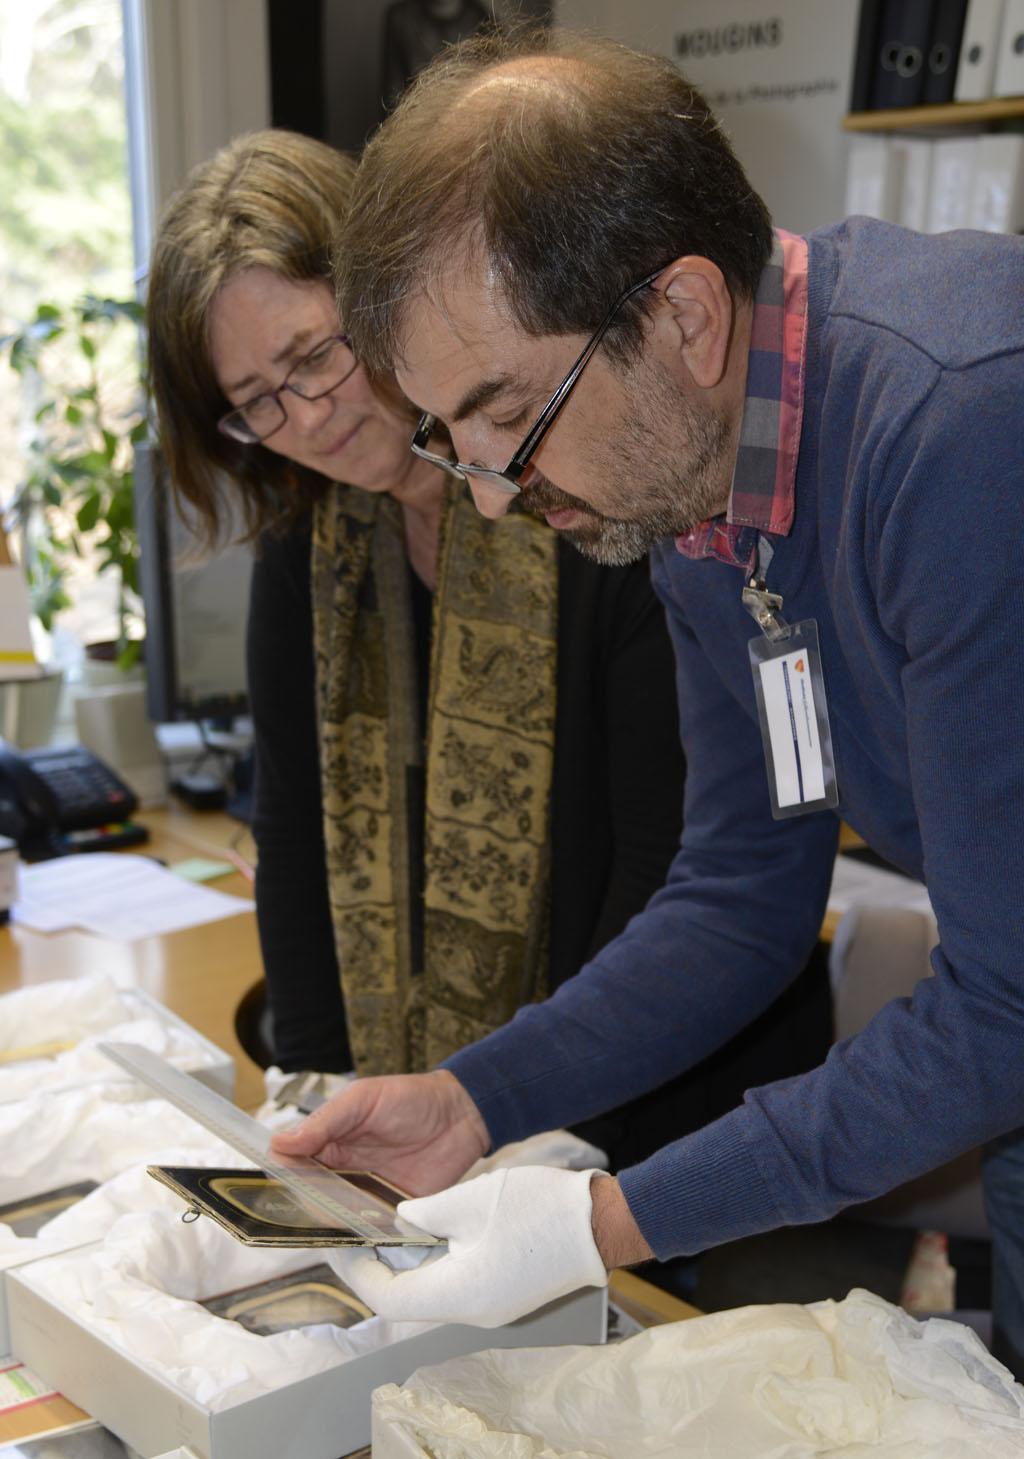 Fotokonservator Wlodek Witek demonstrerer arbeidet for leder av billedarkivet, Kari Grindland. Foto: Roderick Ewart / Østfold fylkes billedarkiv.